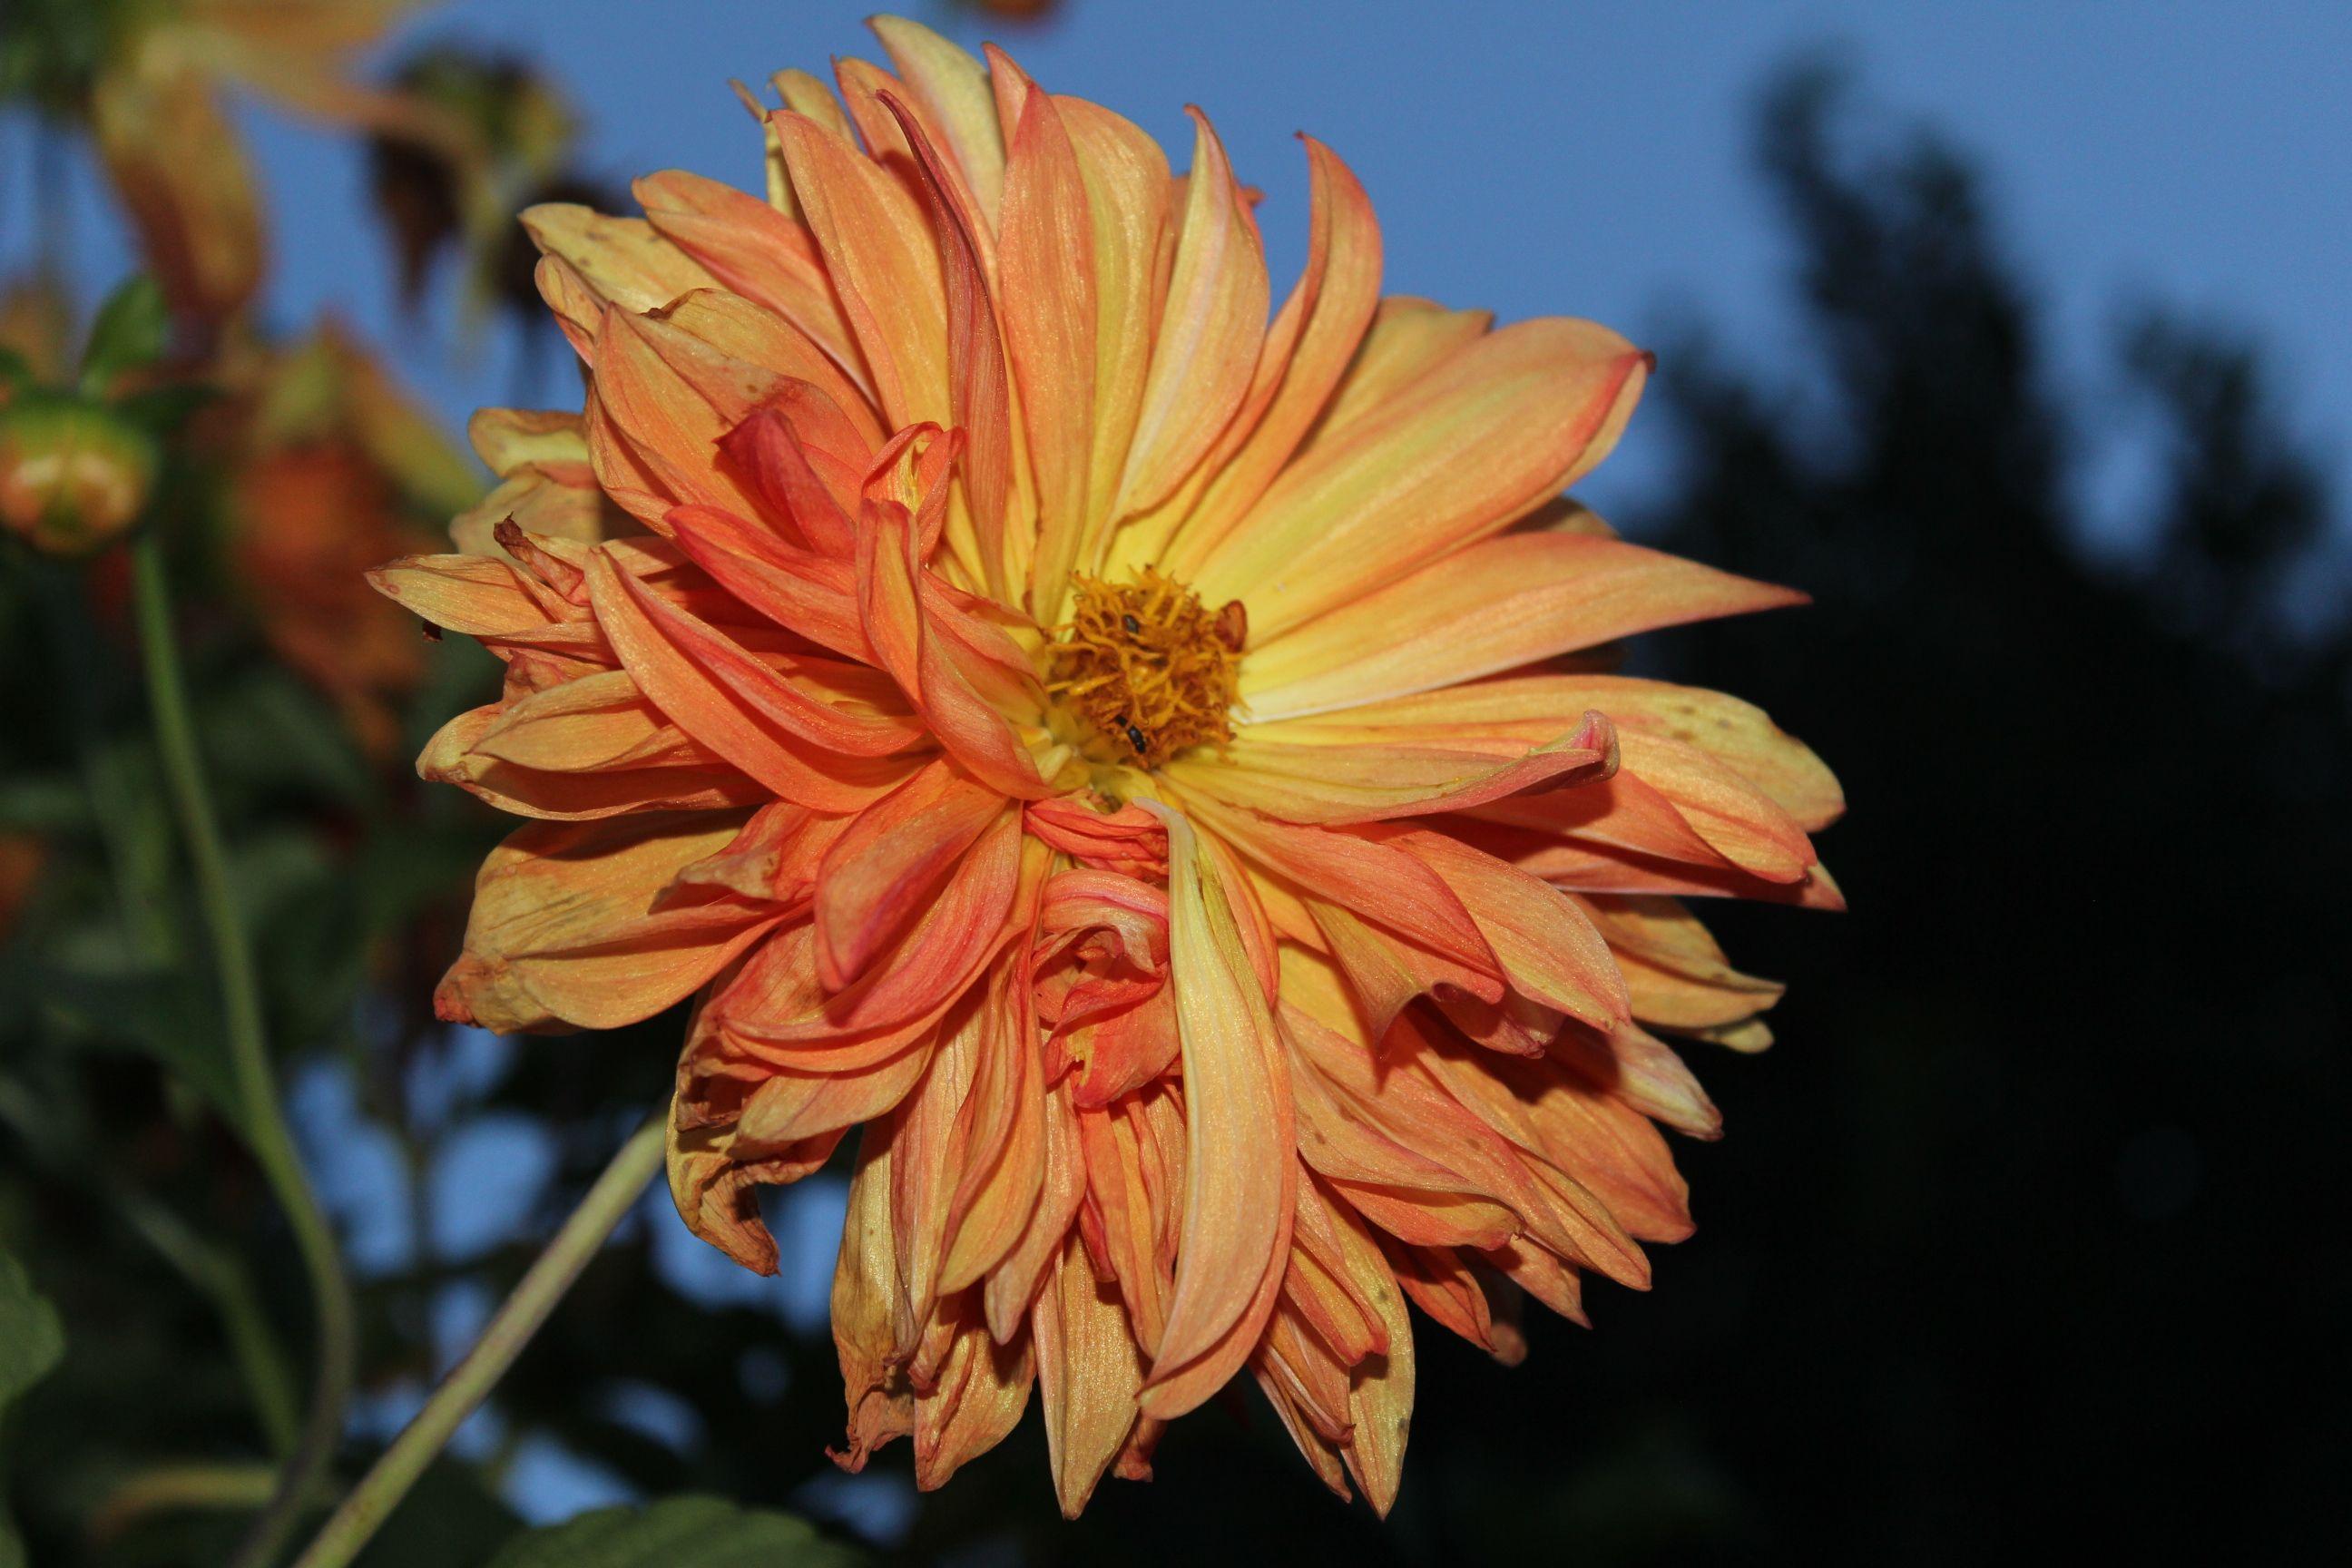 Chrysanthemum orange pink flower garden dusk flowers